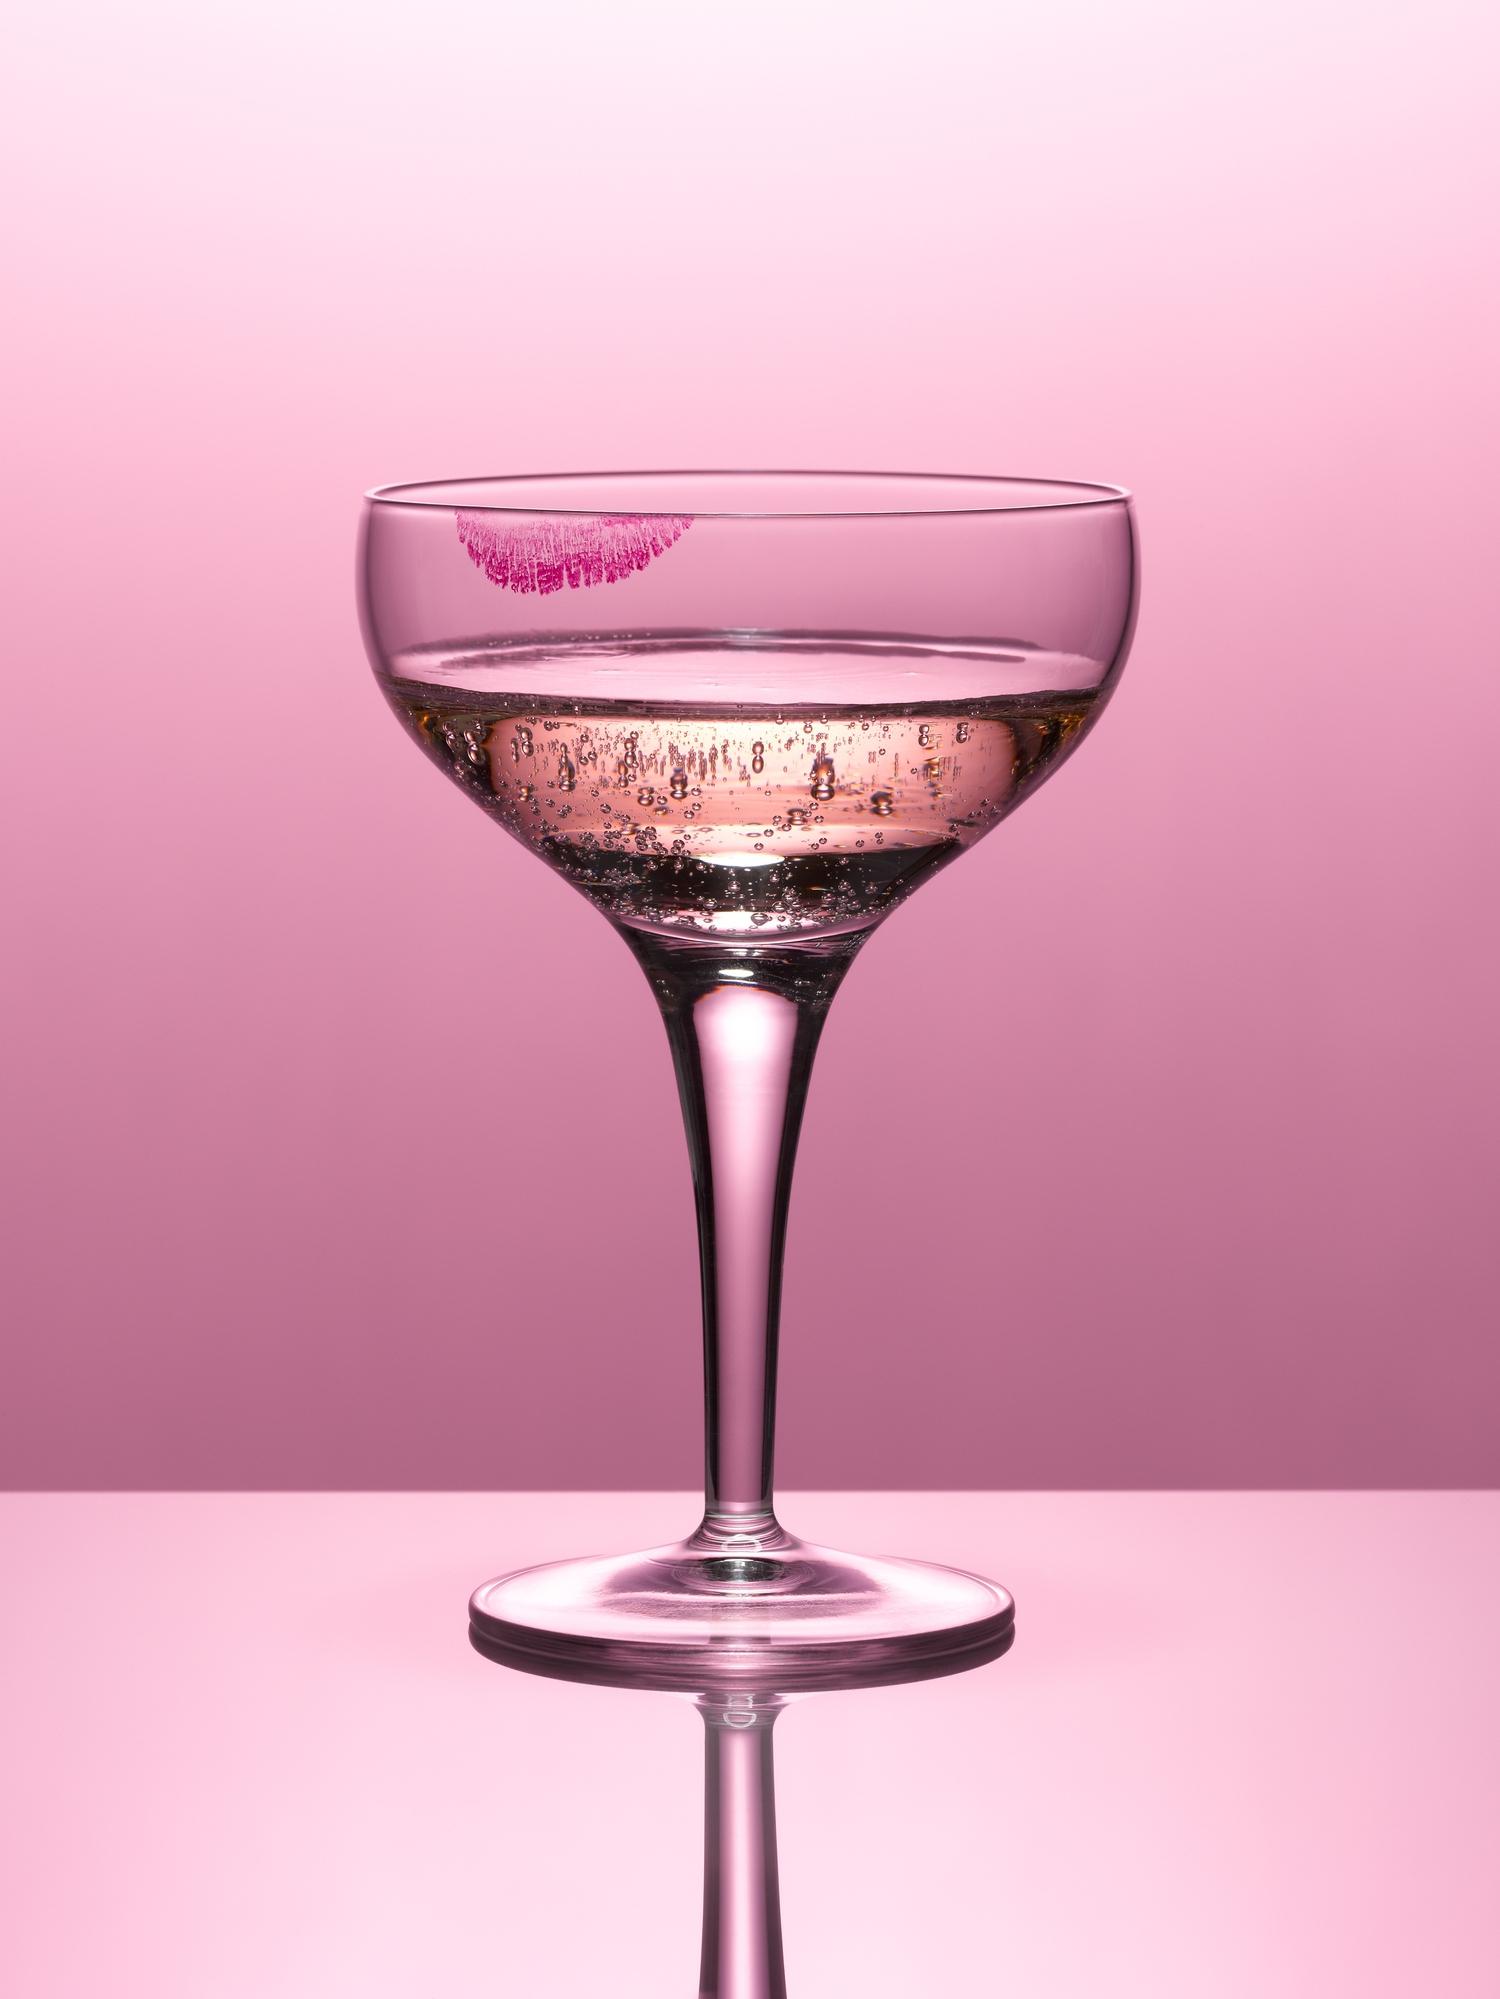 Trucje: zo geeft je lipstick nooit meer af op glazen